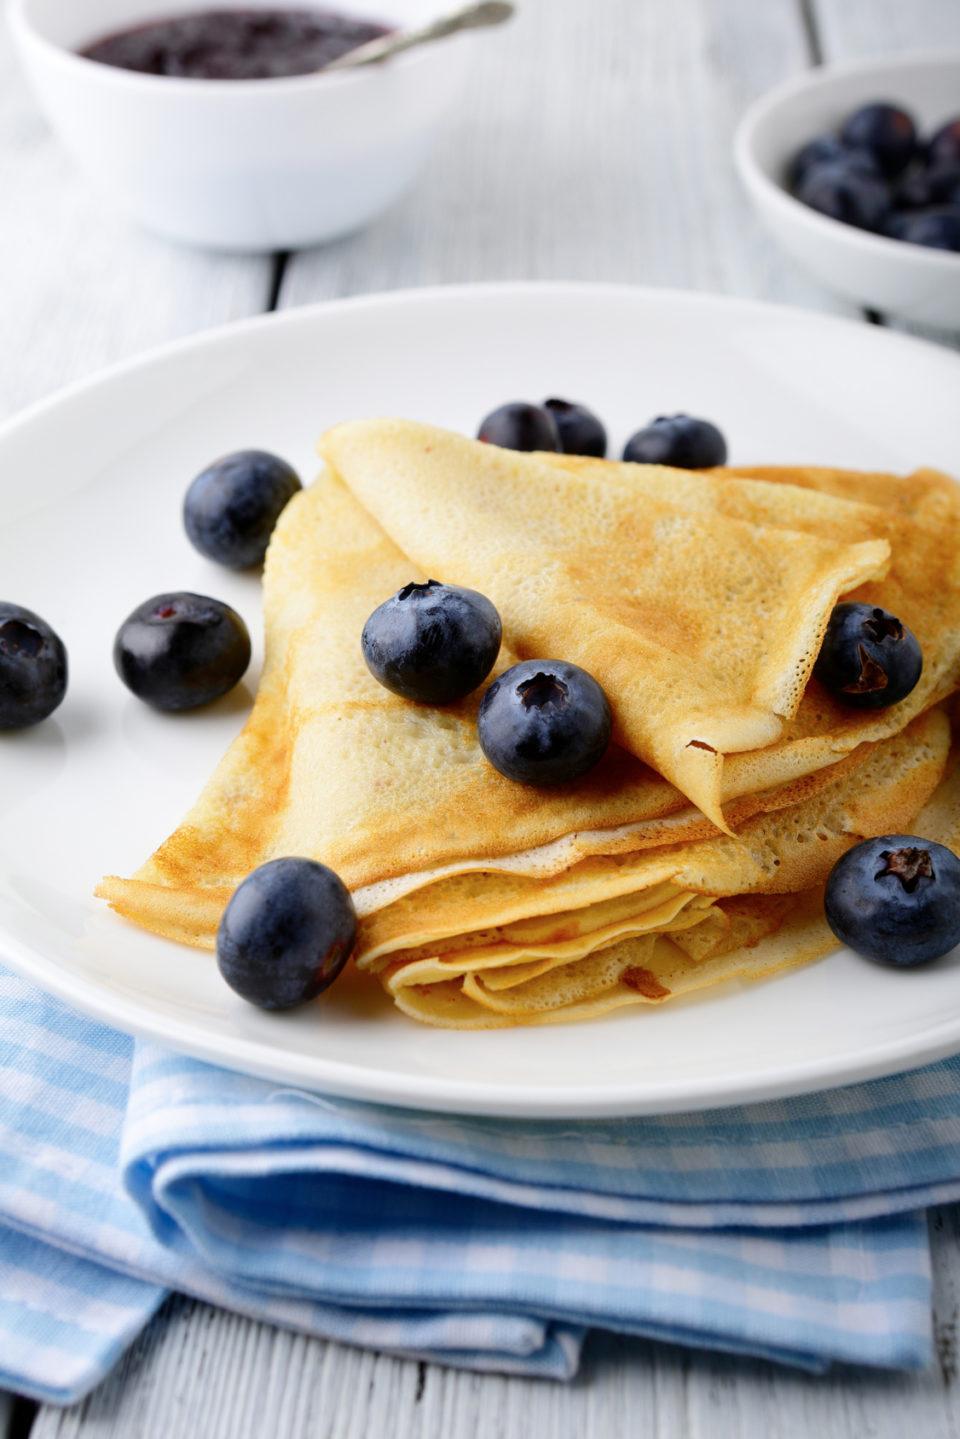 Sweet pancakes with berries. Tasty Food